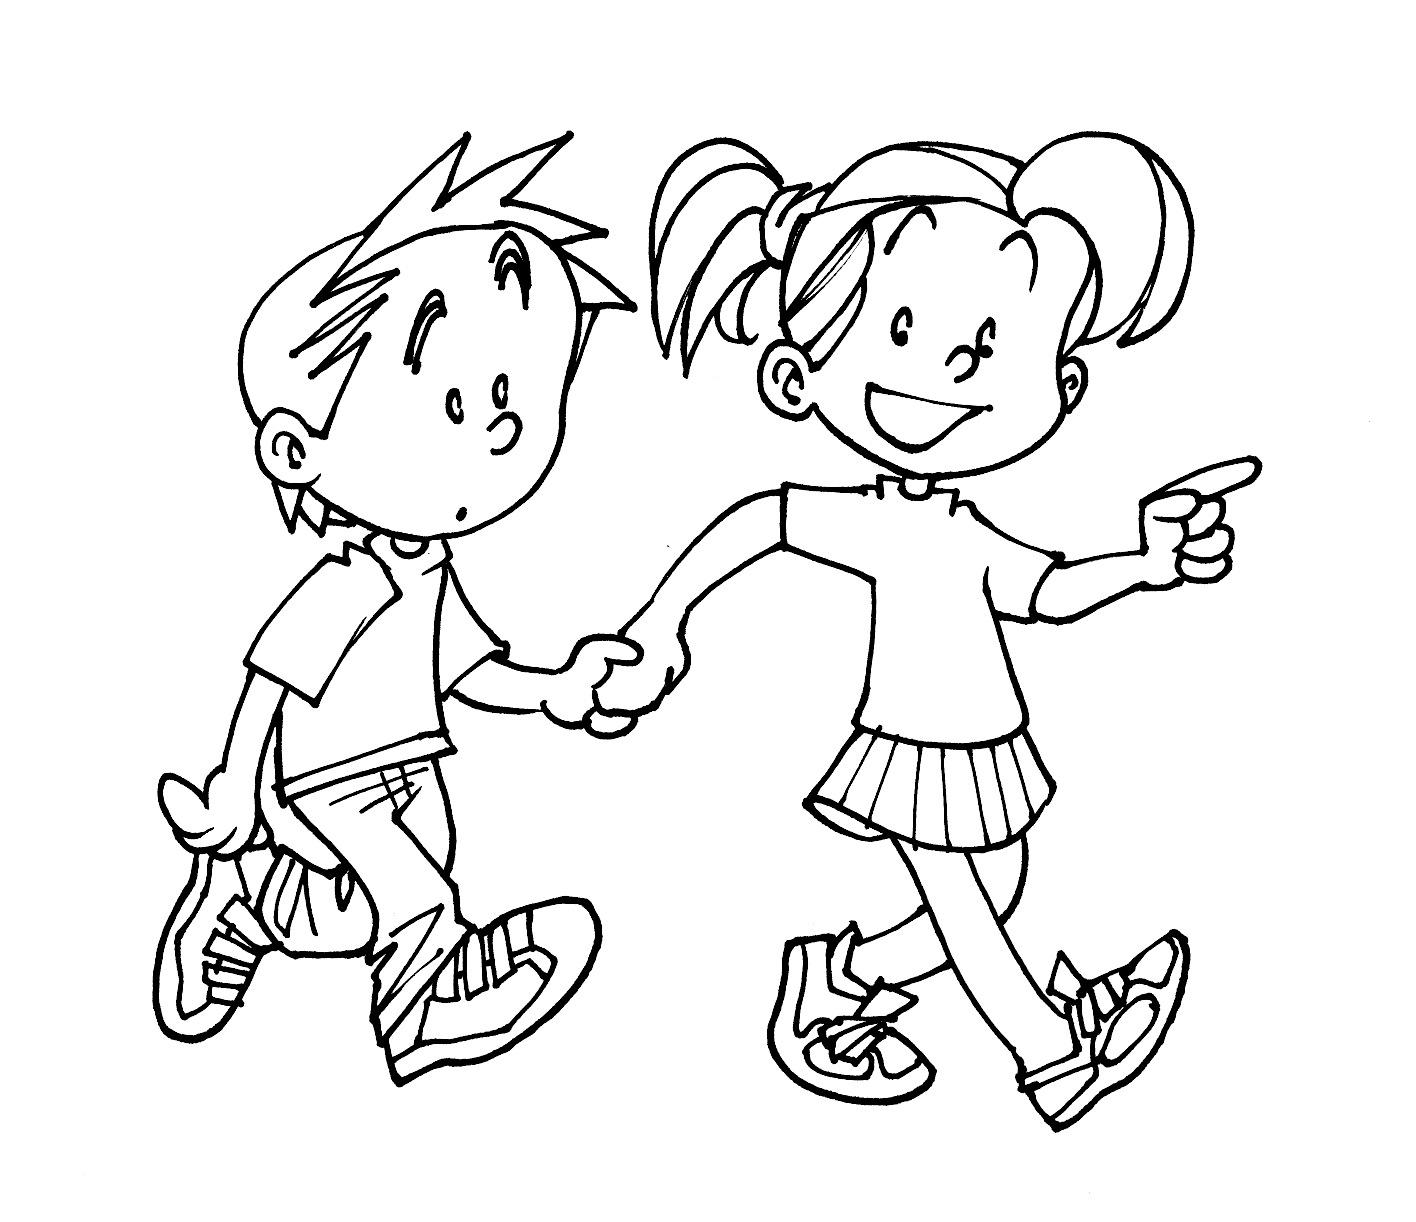 Dibujos Para Colorear De Bebes Aprendiendo A Caminar ~ Ideas ...